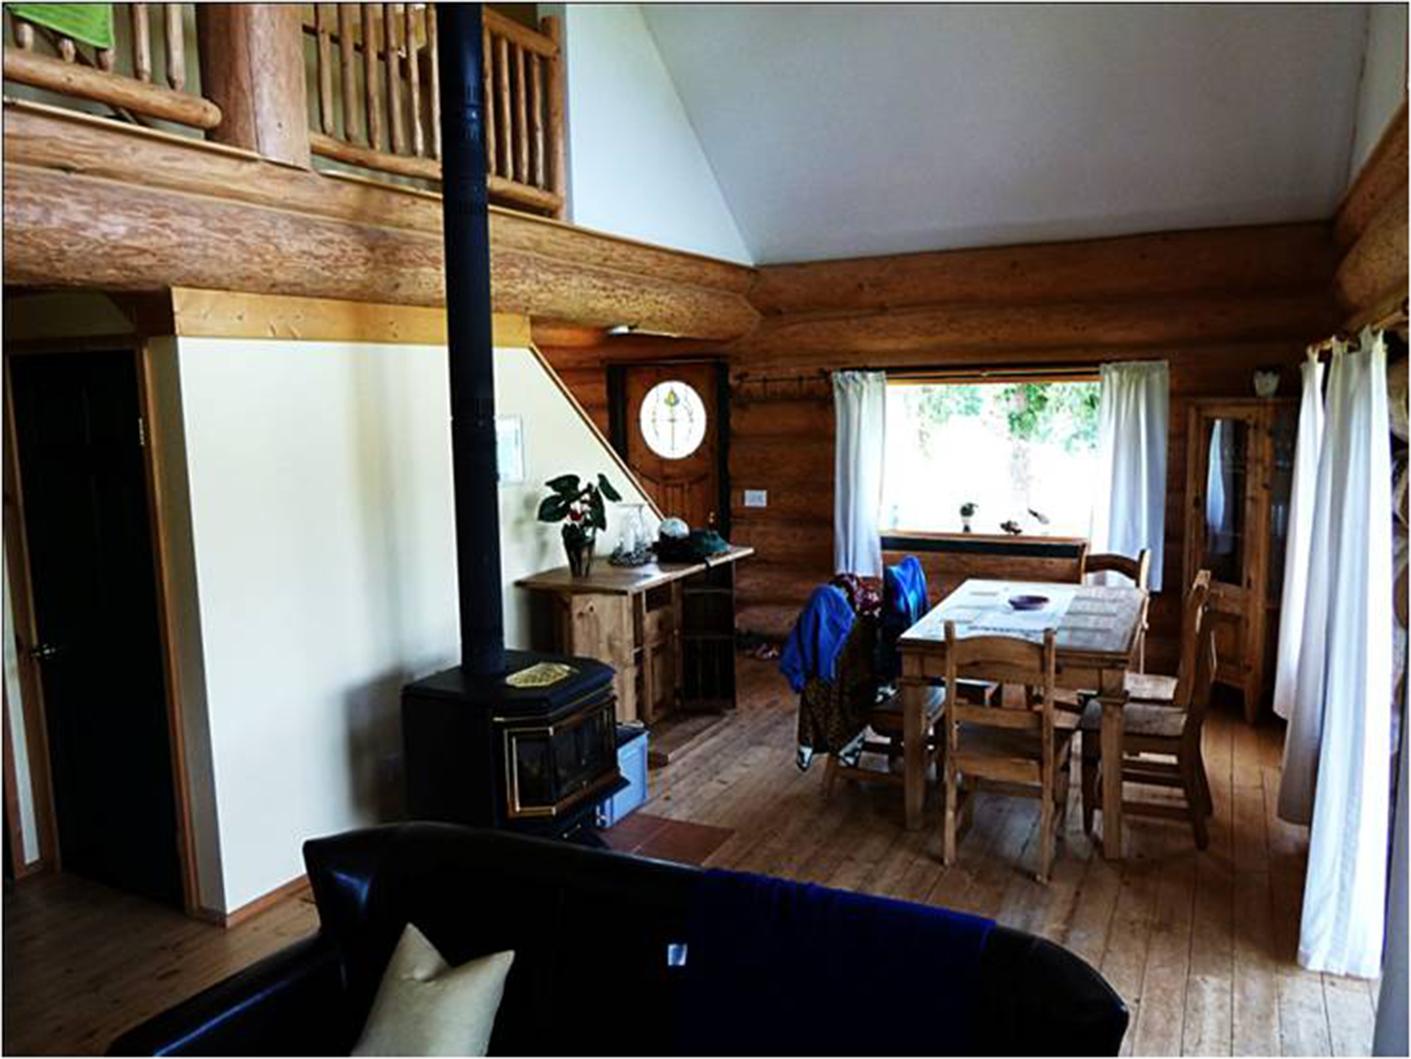 Küchenzeile Diner ~ besondere erlebnisse vom spezialisten sk touristik kayanara guest ranch